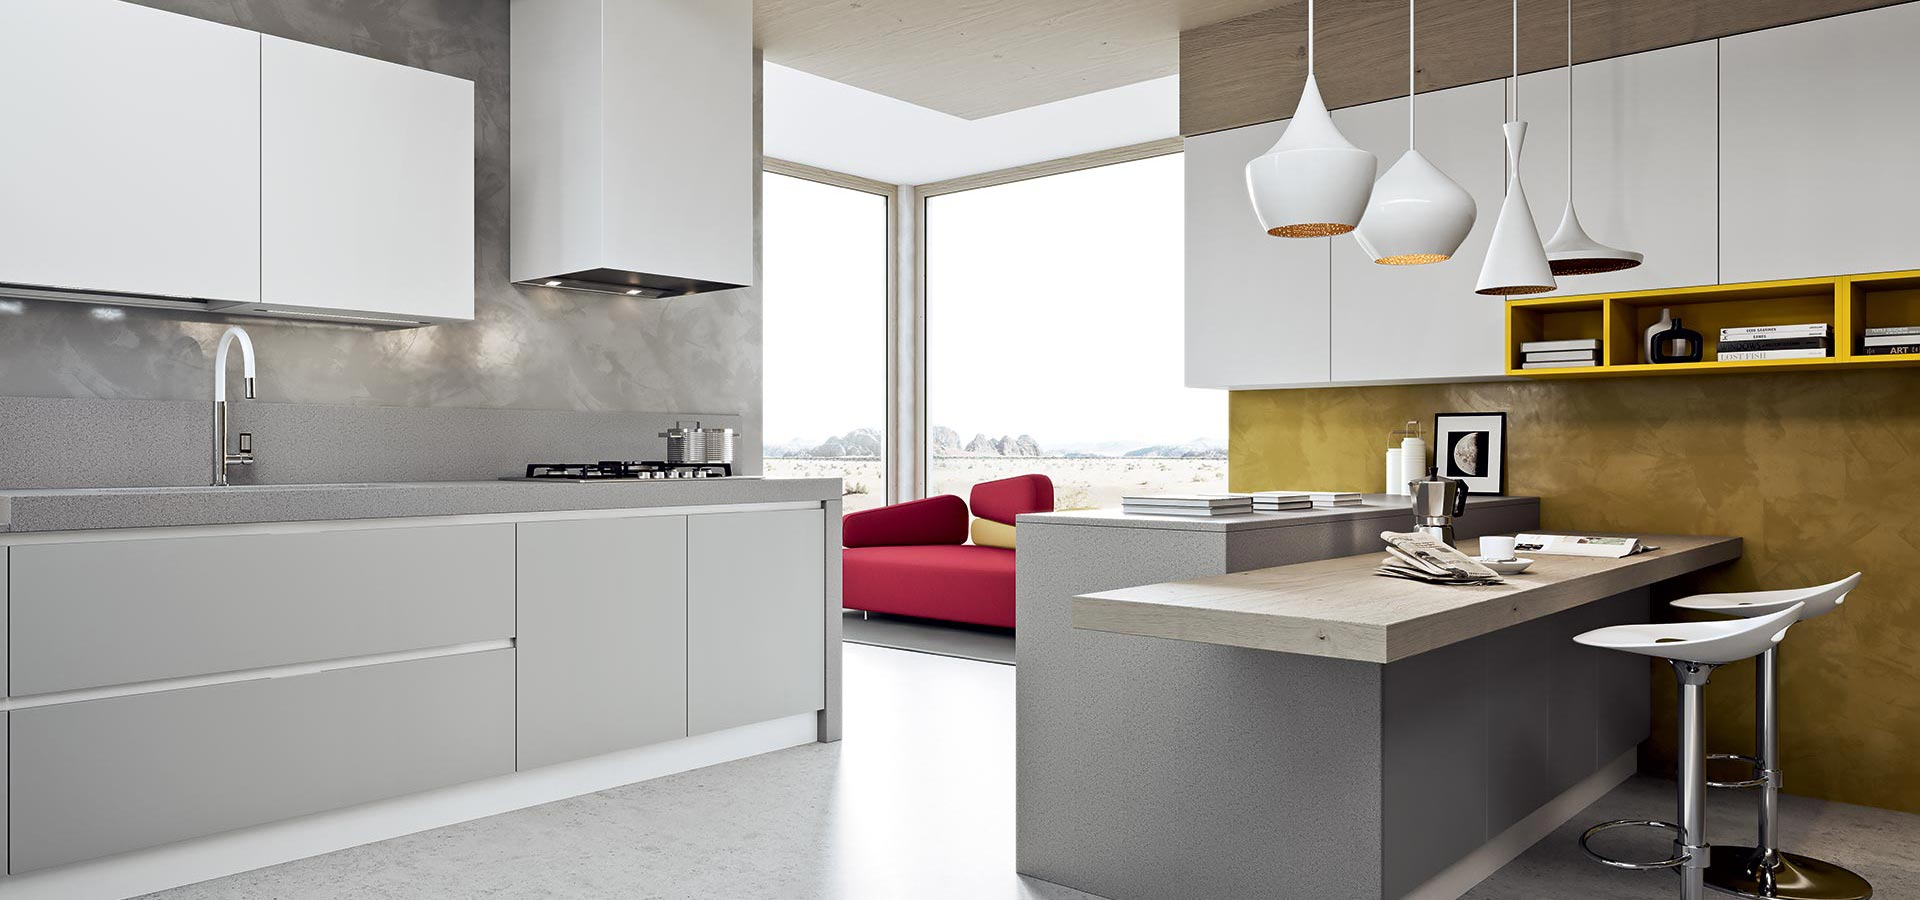 Mobili Bassi Cucina Ikea cucine | mobili cau